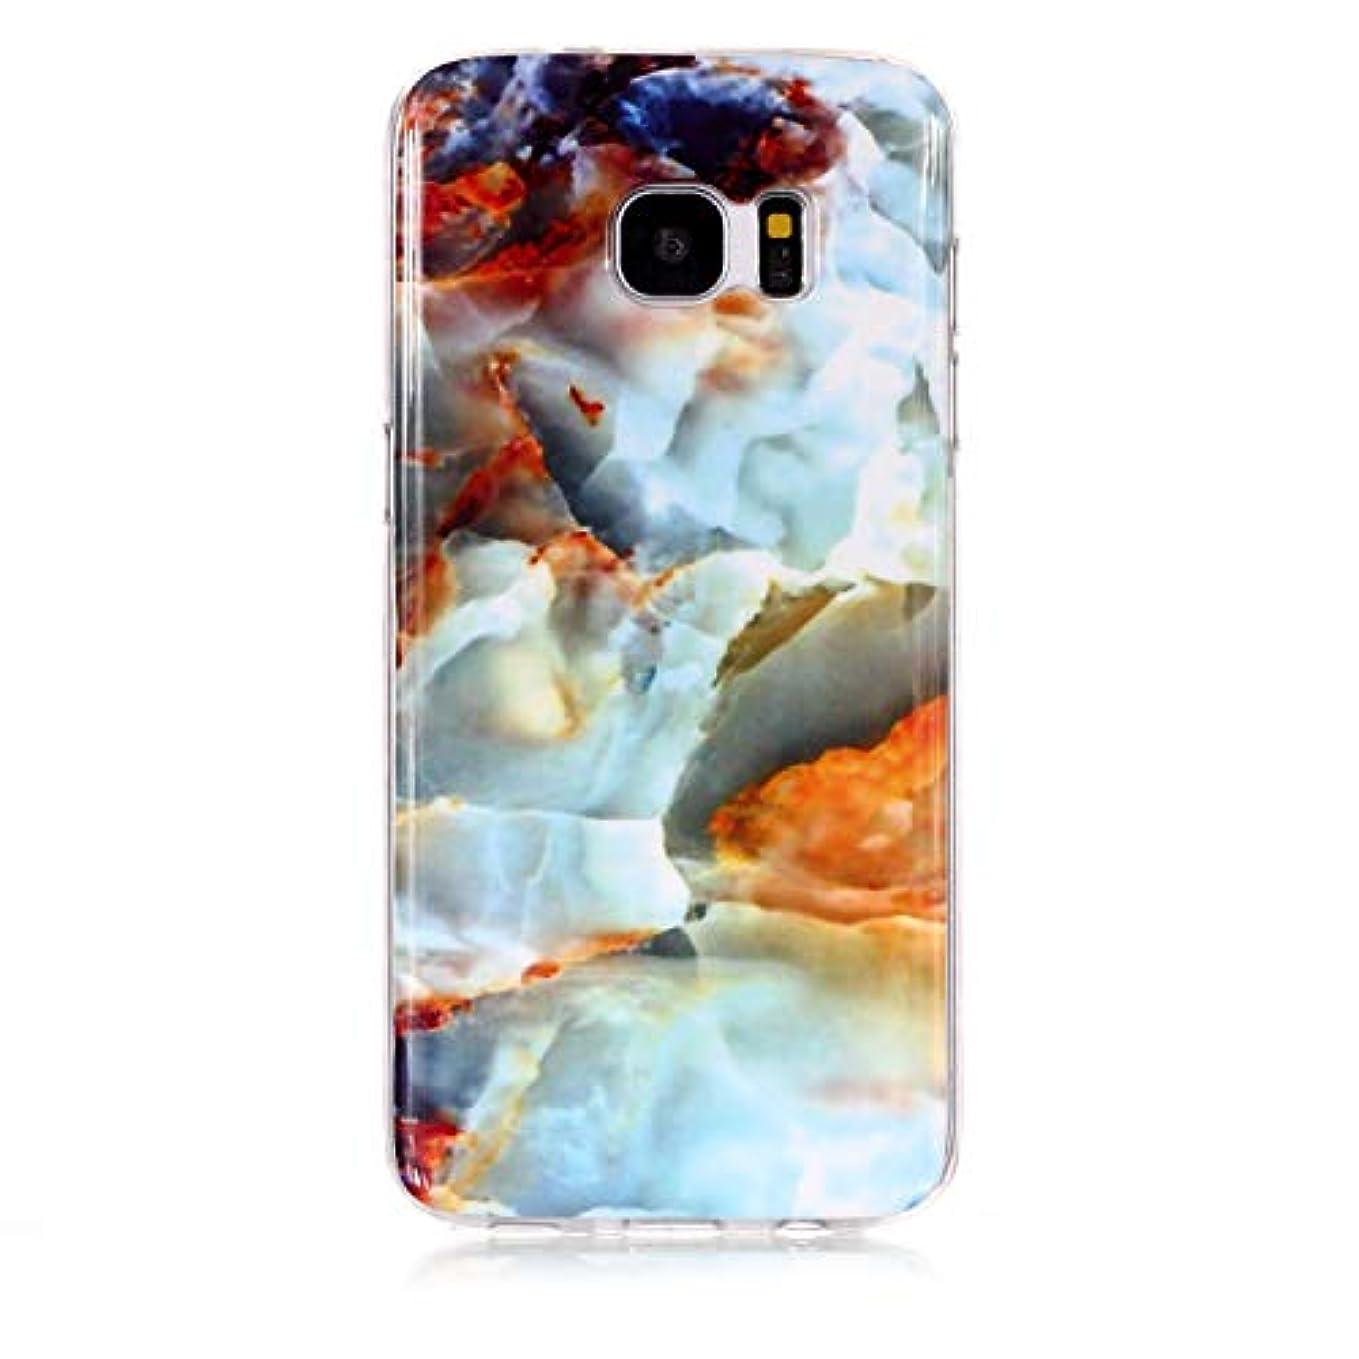 ジェムサラミ慈悲Galaxy S7 ケース シリコン ソフト, Lomogo ギャラクシーS7 ケース 携帯カバー 耐衝撃 防塵 おしゃれ - LOYHU230541#1